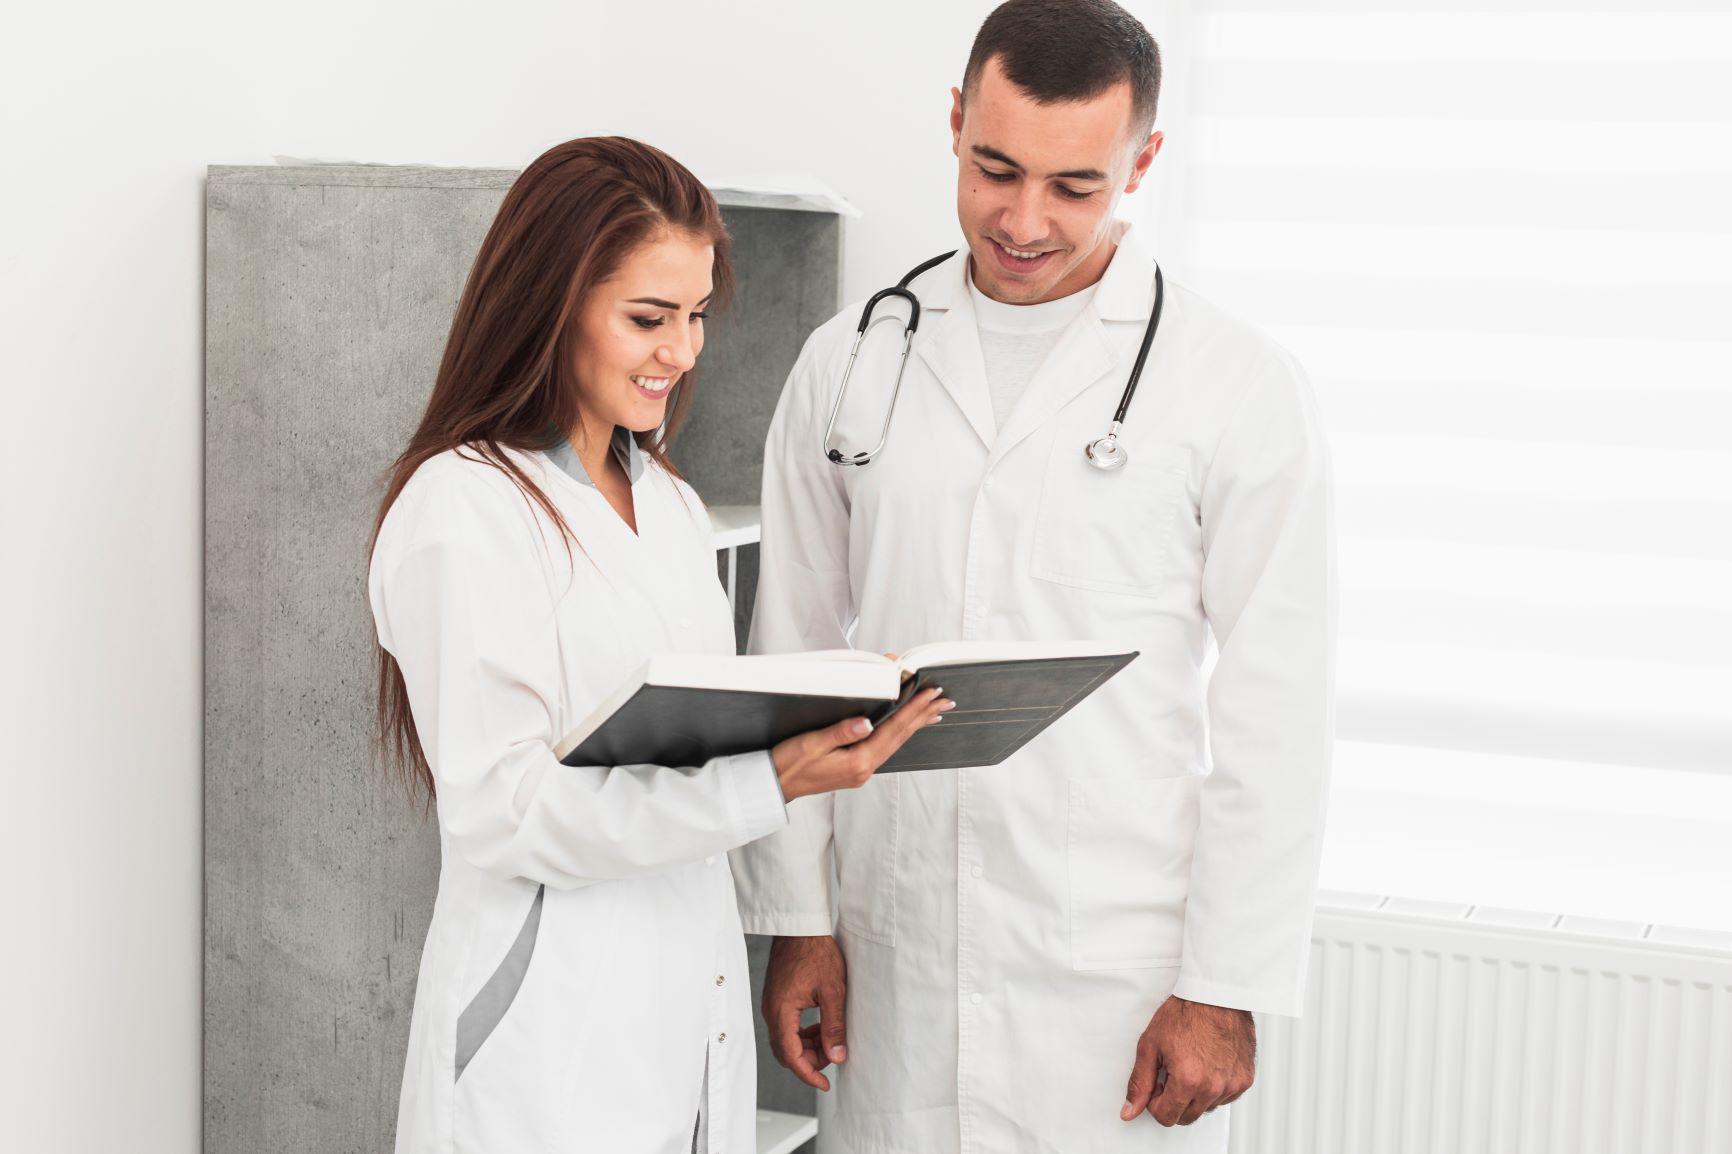 Lekarze Specjaliści z pozytywnymi wynikami badań pacjenta